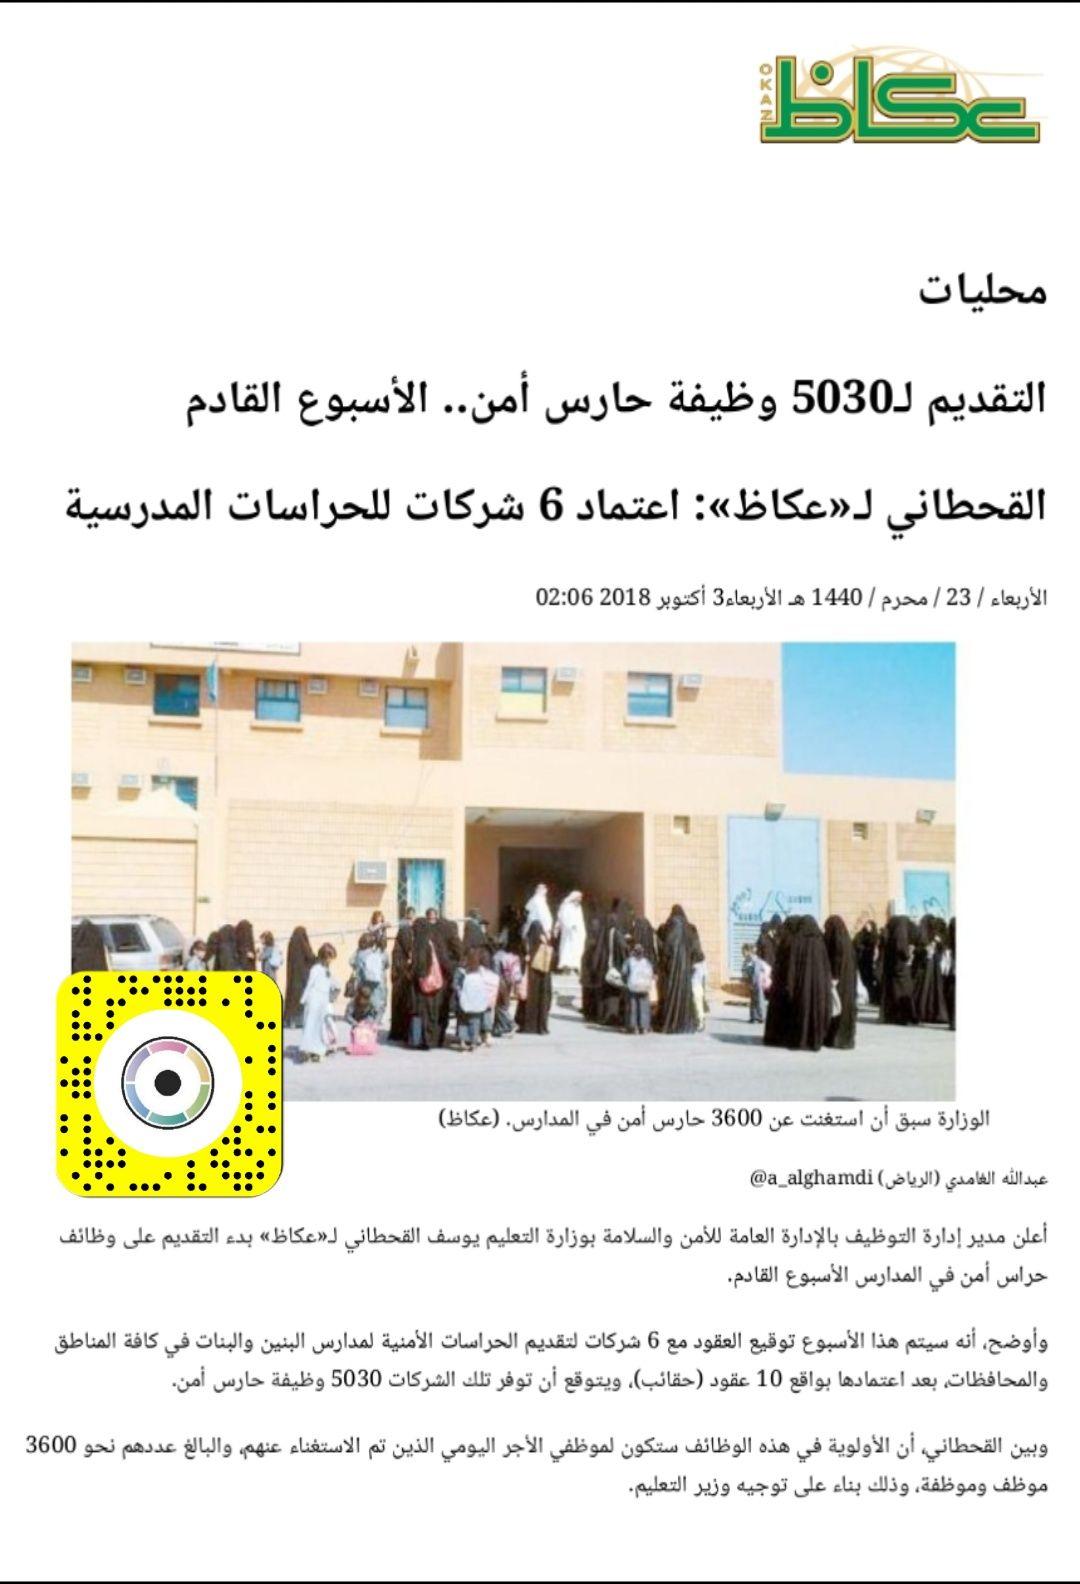 التقديم لـ5030 وظيفة حارس أمن الأسبوع القادم القحطاني لـ عكاظ اعتماد 6 شركات للحراسات المدرسية وظائف السعودية Shopping Screenshots